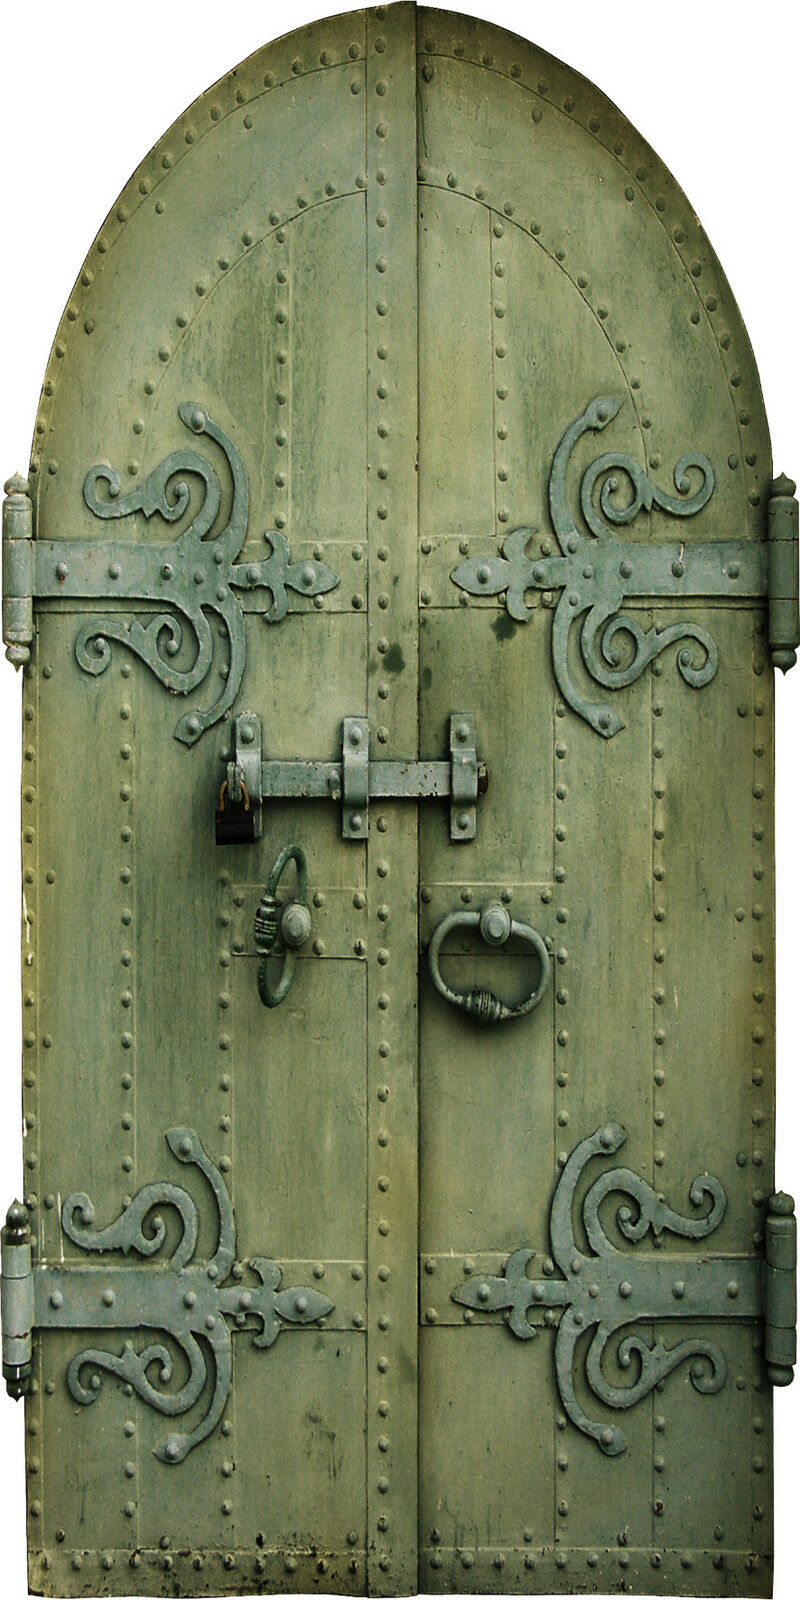 Adhesivo de antigua puerta de Adhesivo tronco trampantojo ref 987 13187e